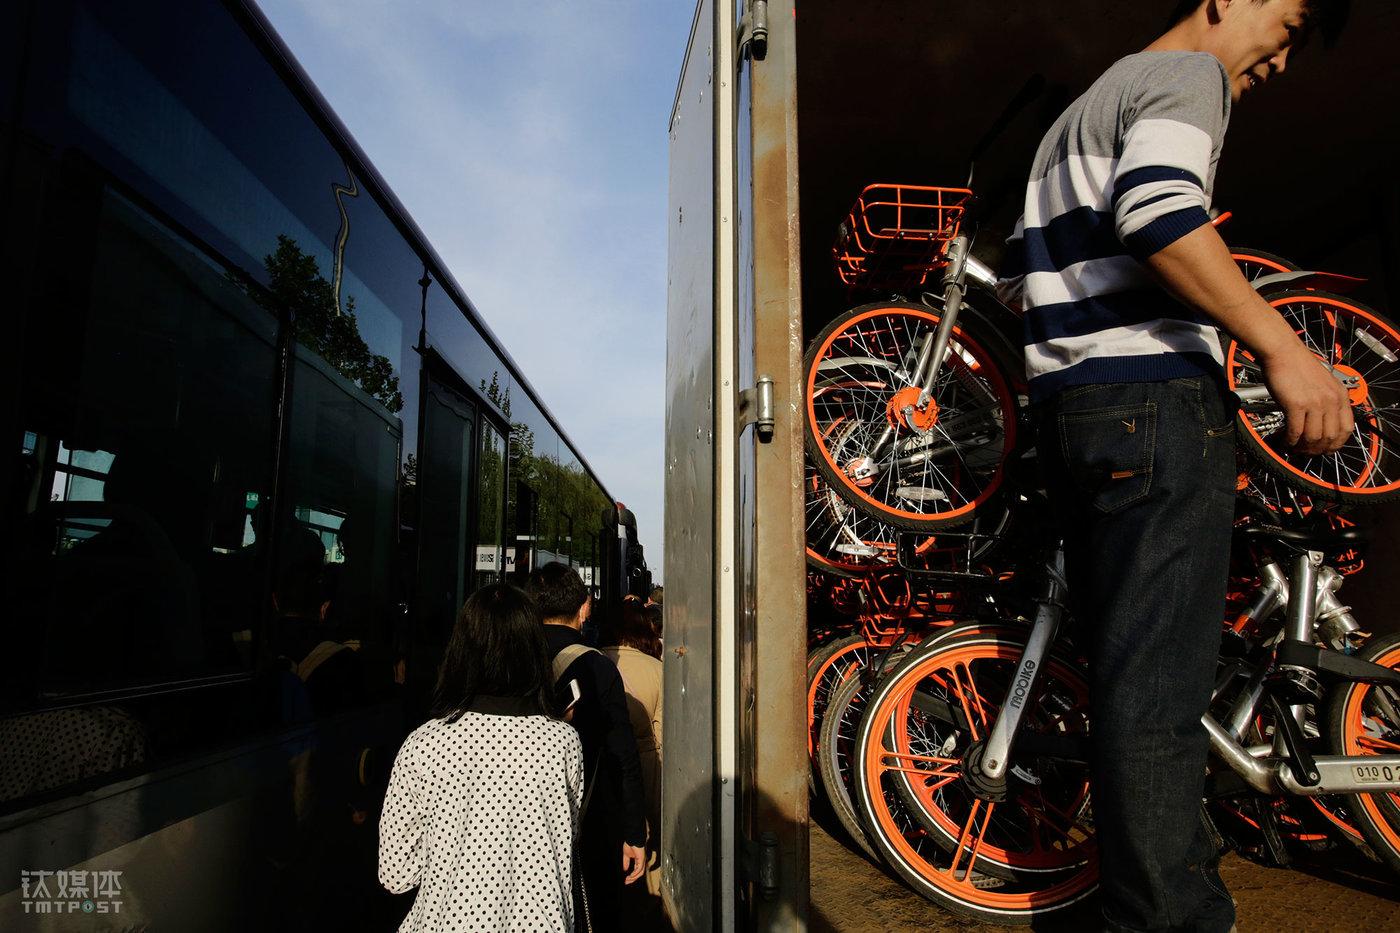 八王坟东公交站,厢货装满车单车准备关门,一辆公交车停靠在一旁,赶车的人从两辆车中间排队穿过。